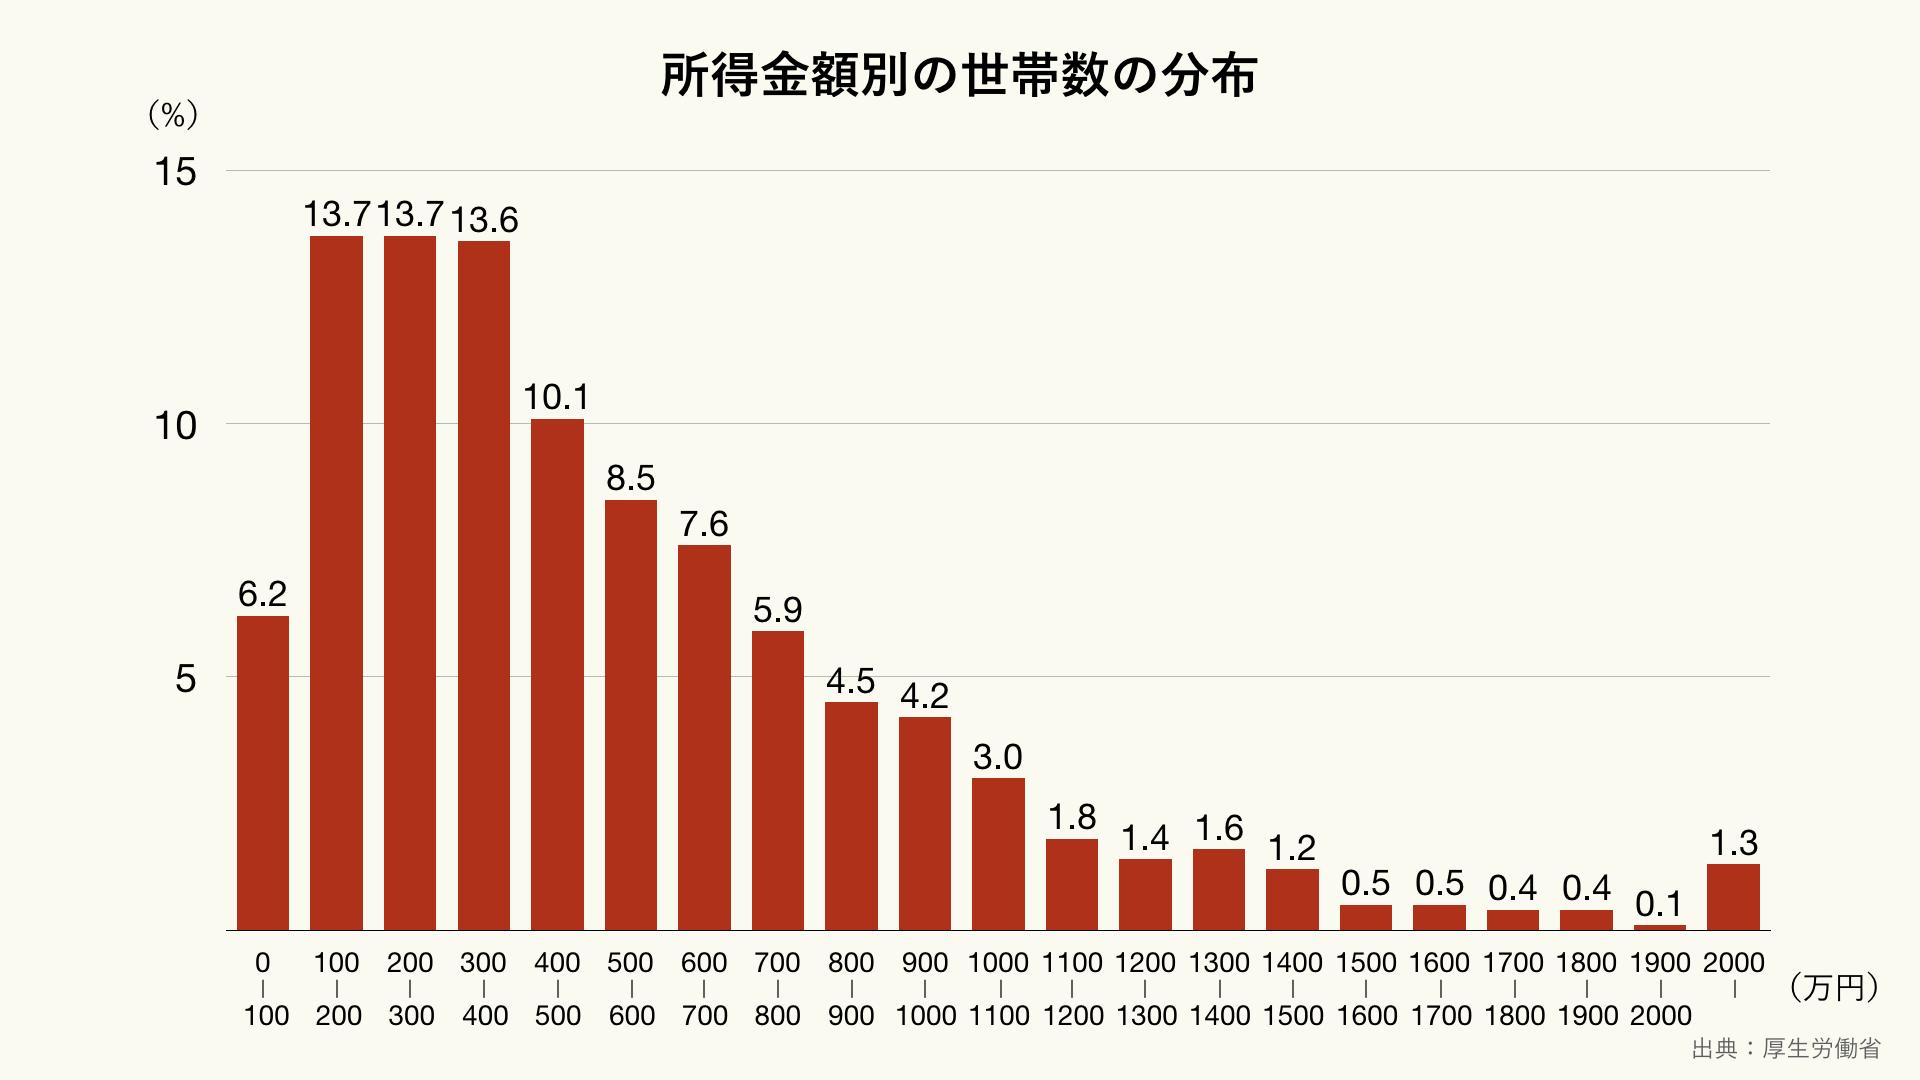 所得金額別の世帯数の分布(クリーム)